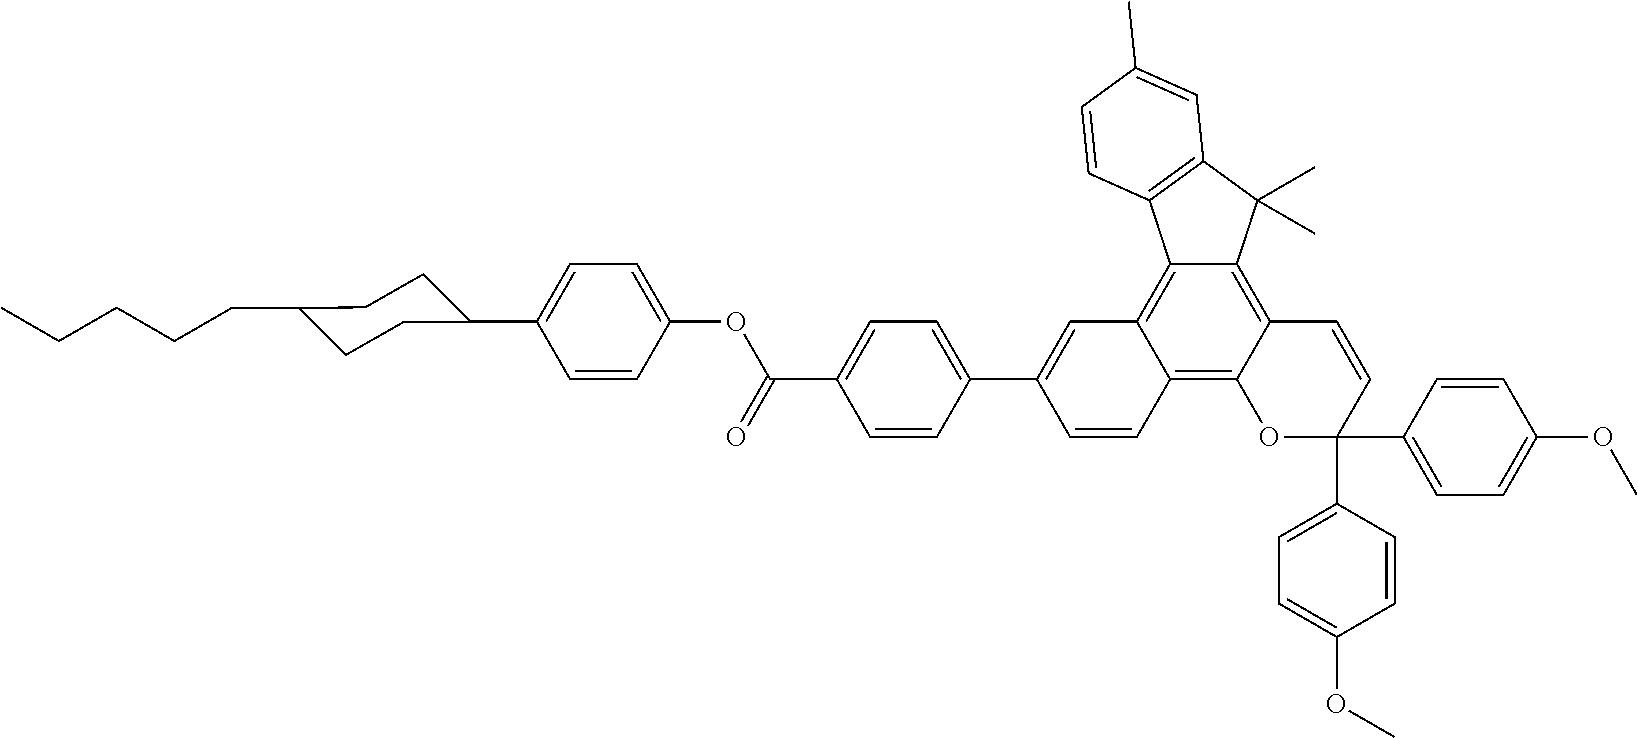 Figure US08518546-20130827-C00069